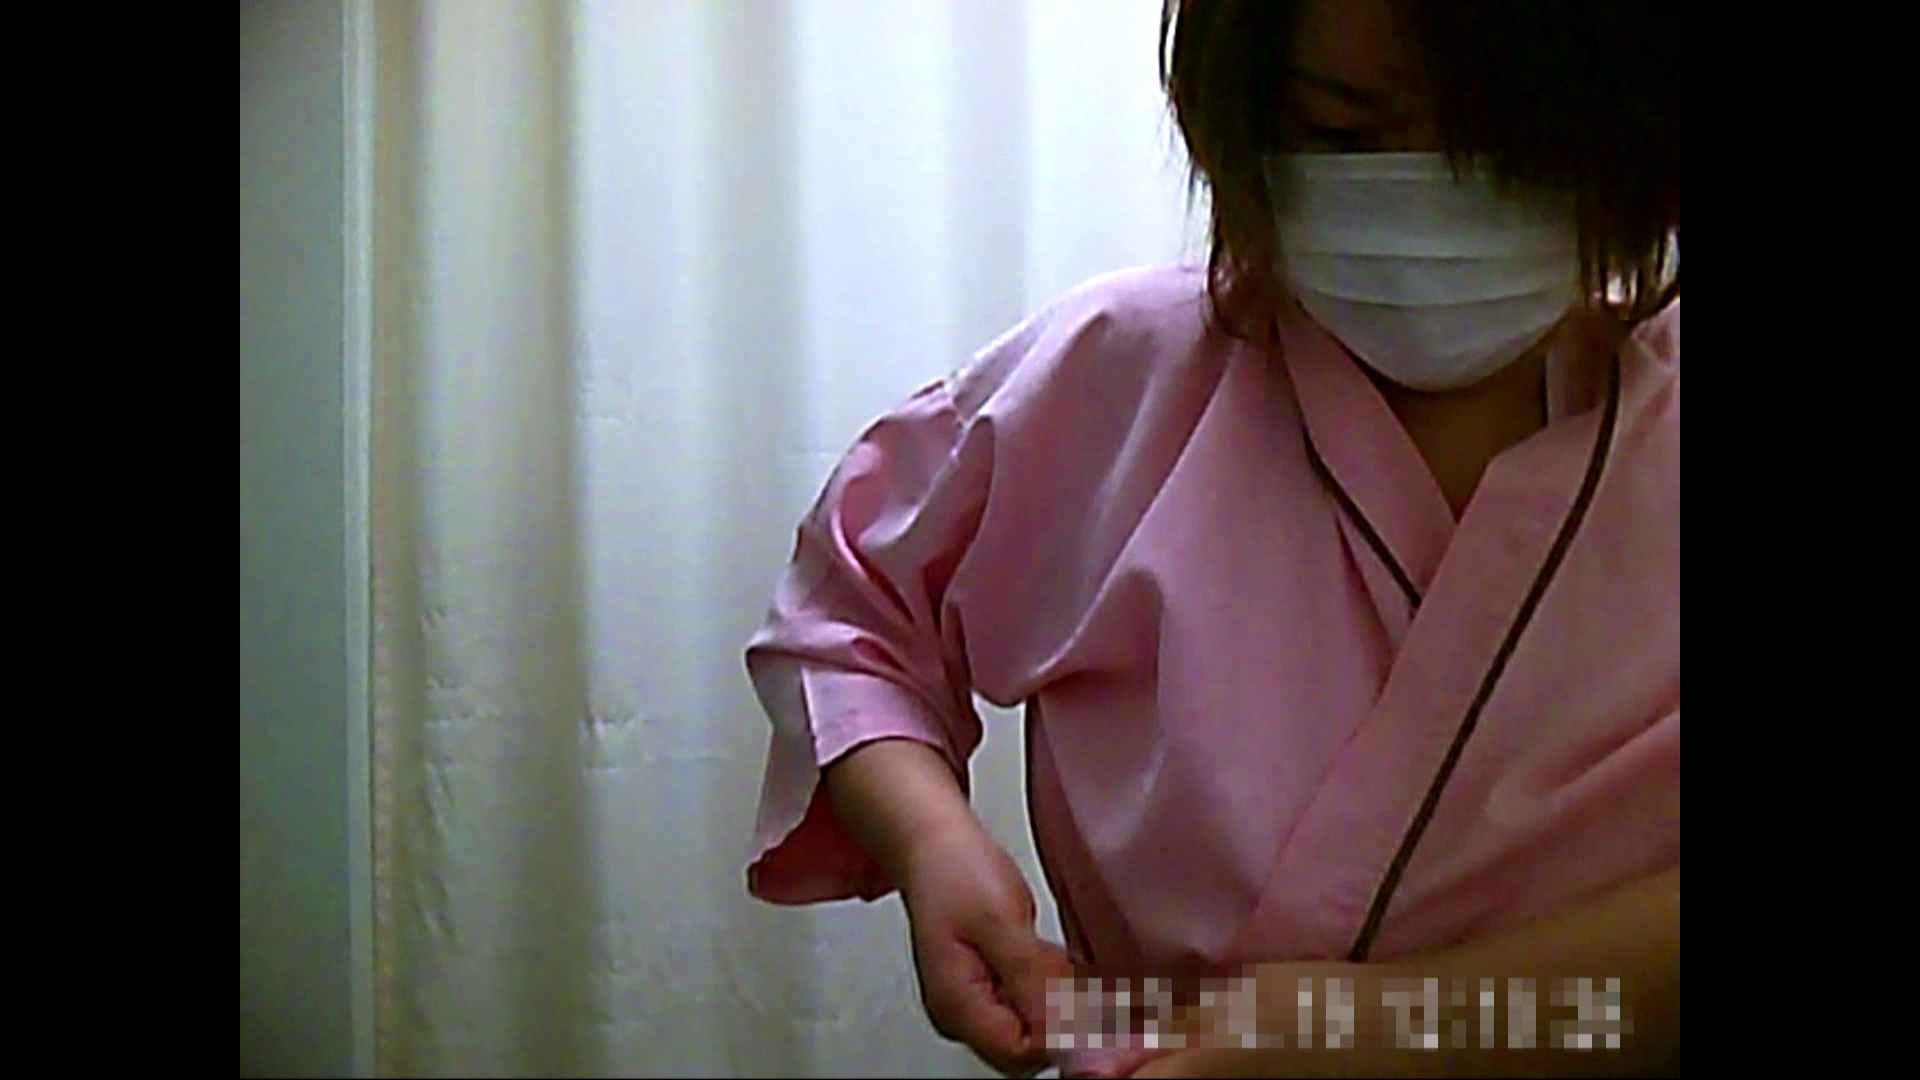 元医者による反抗 更衣室地獄絵巻 vol.052 お姉さん  106PIX 16